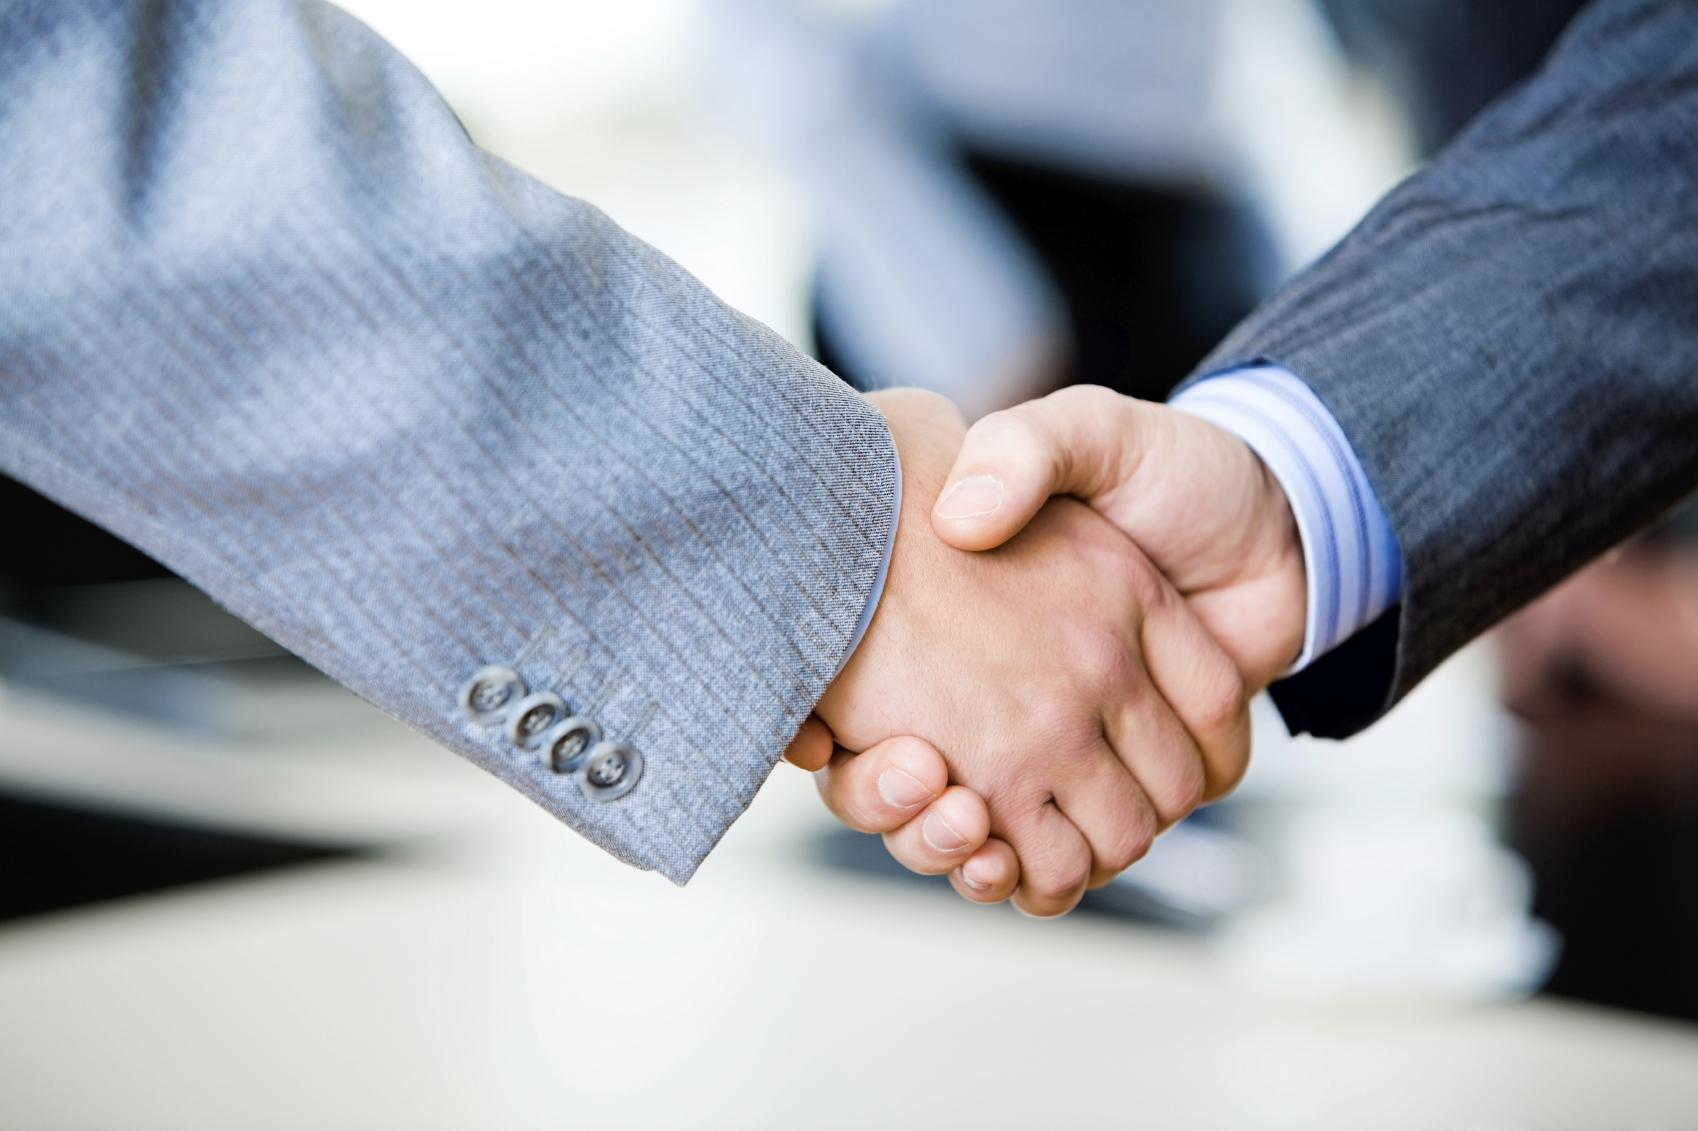 استخدام کارشناس ارشد فروش در شرکت فناوری اطلاعات